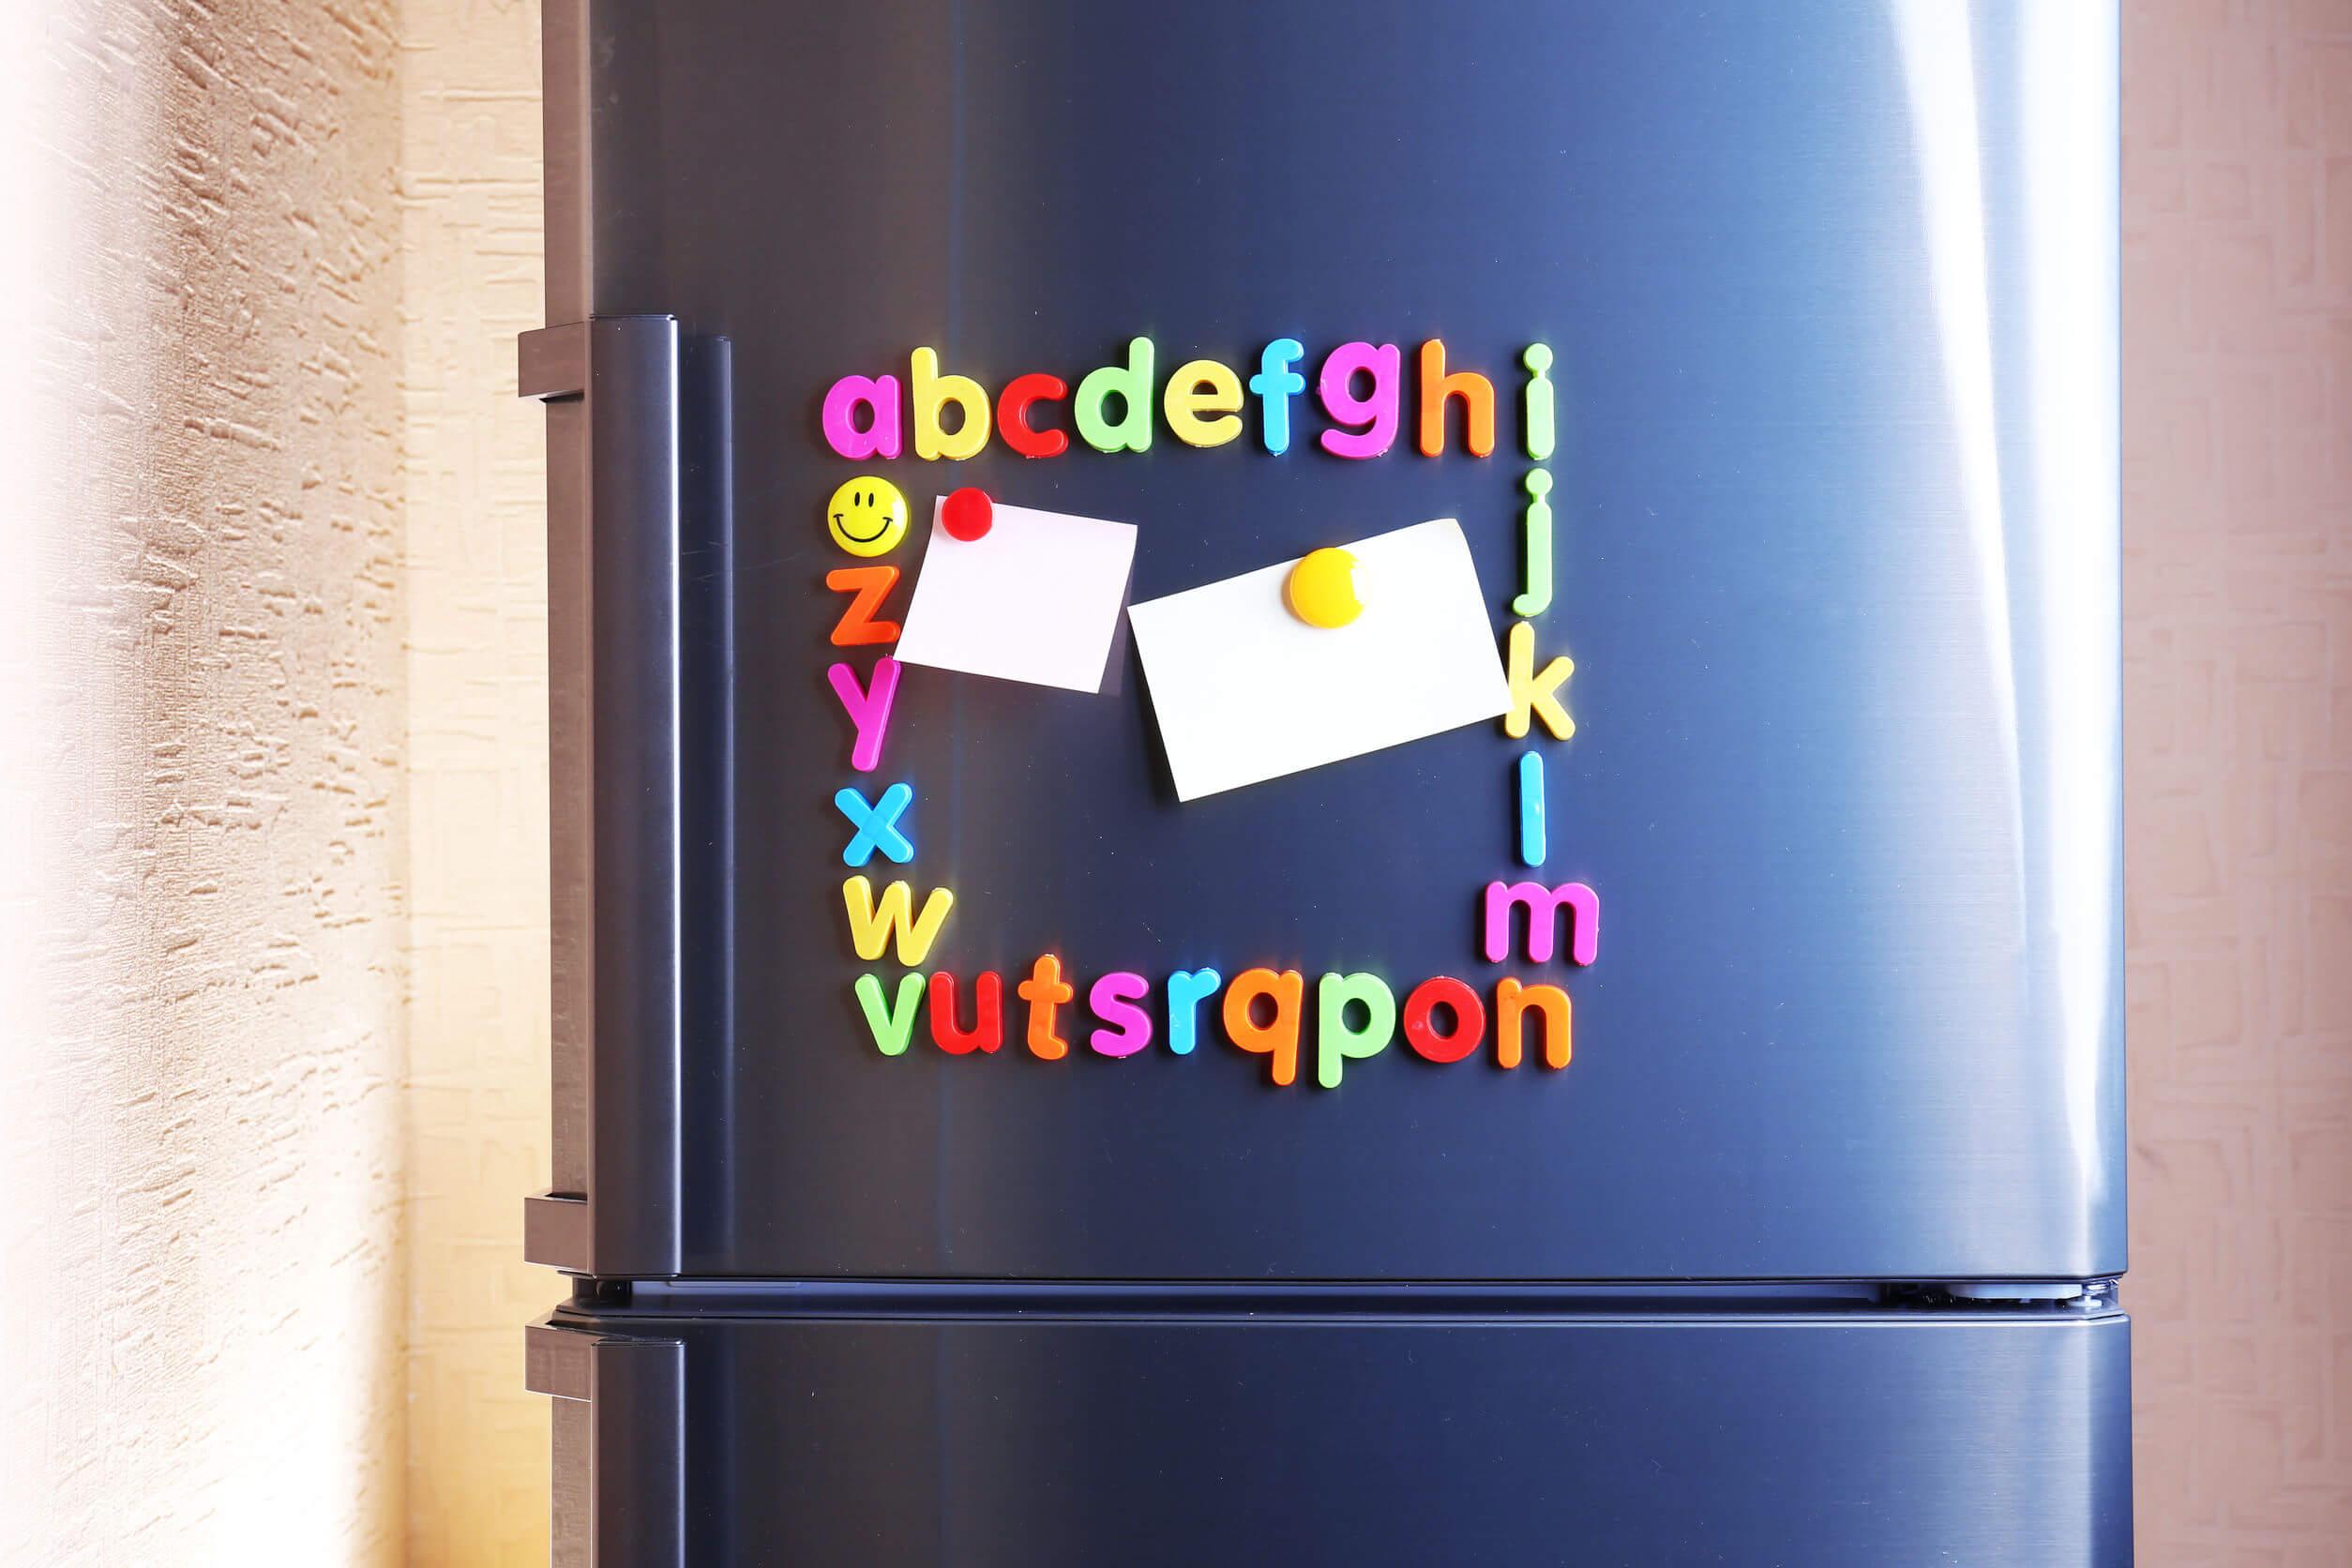 Letras con imanes pegadas en la nevera para aprender el abecedario.